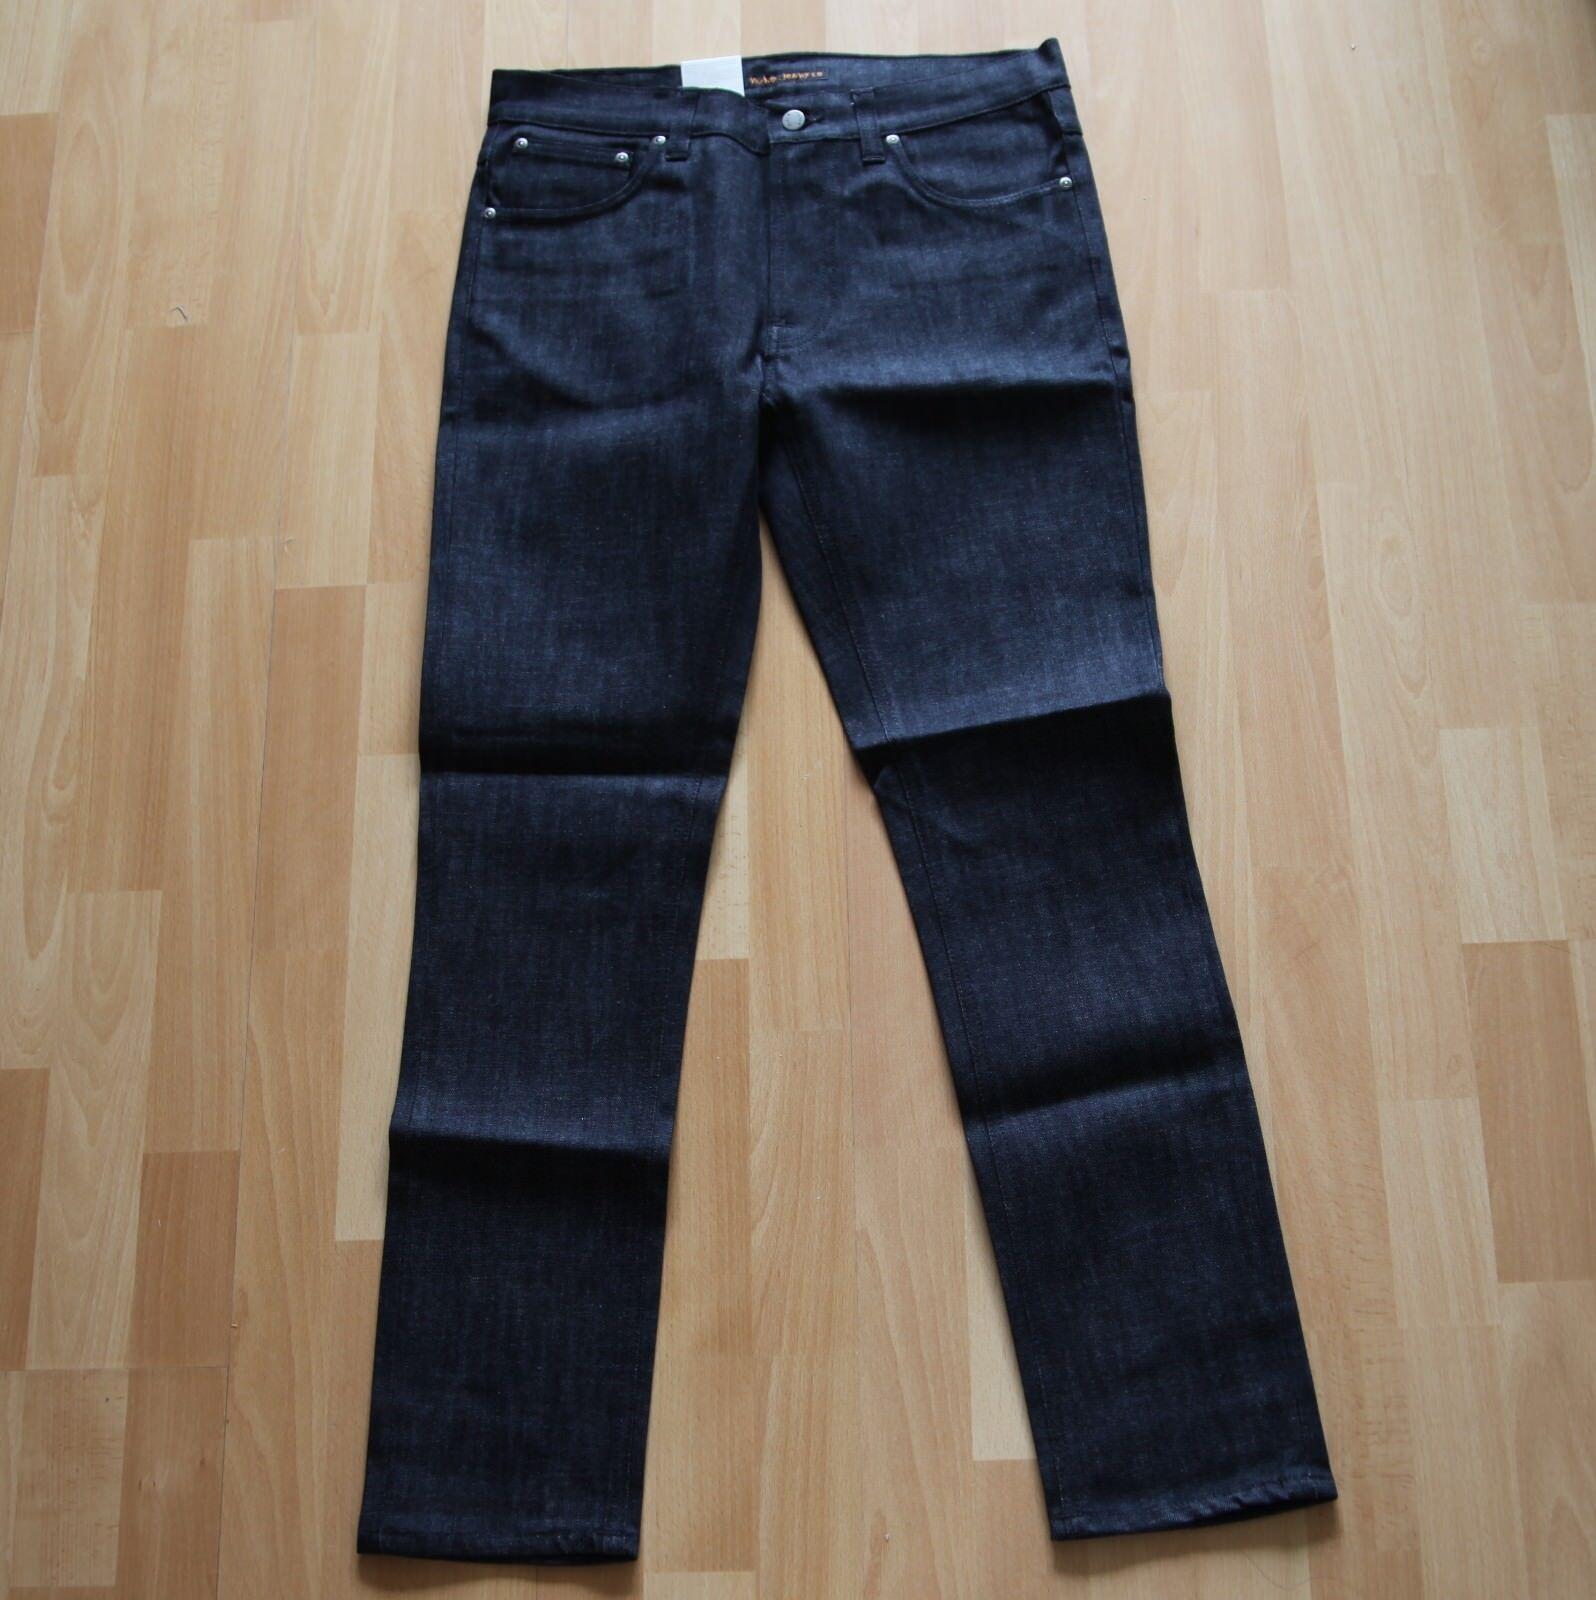 NEU Nudie Jeans Lean Dean (Carrot Shape) Dry Deep Dark Comfort 30 30